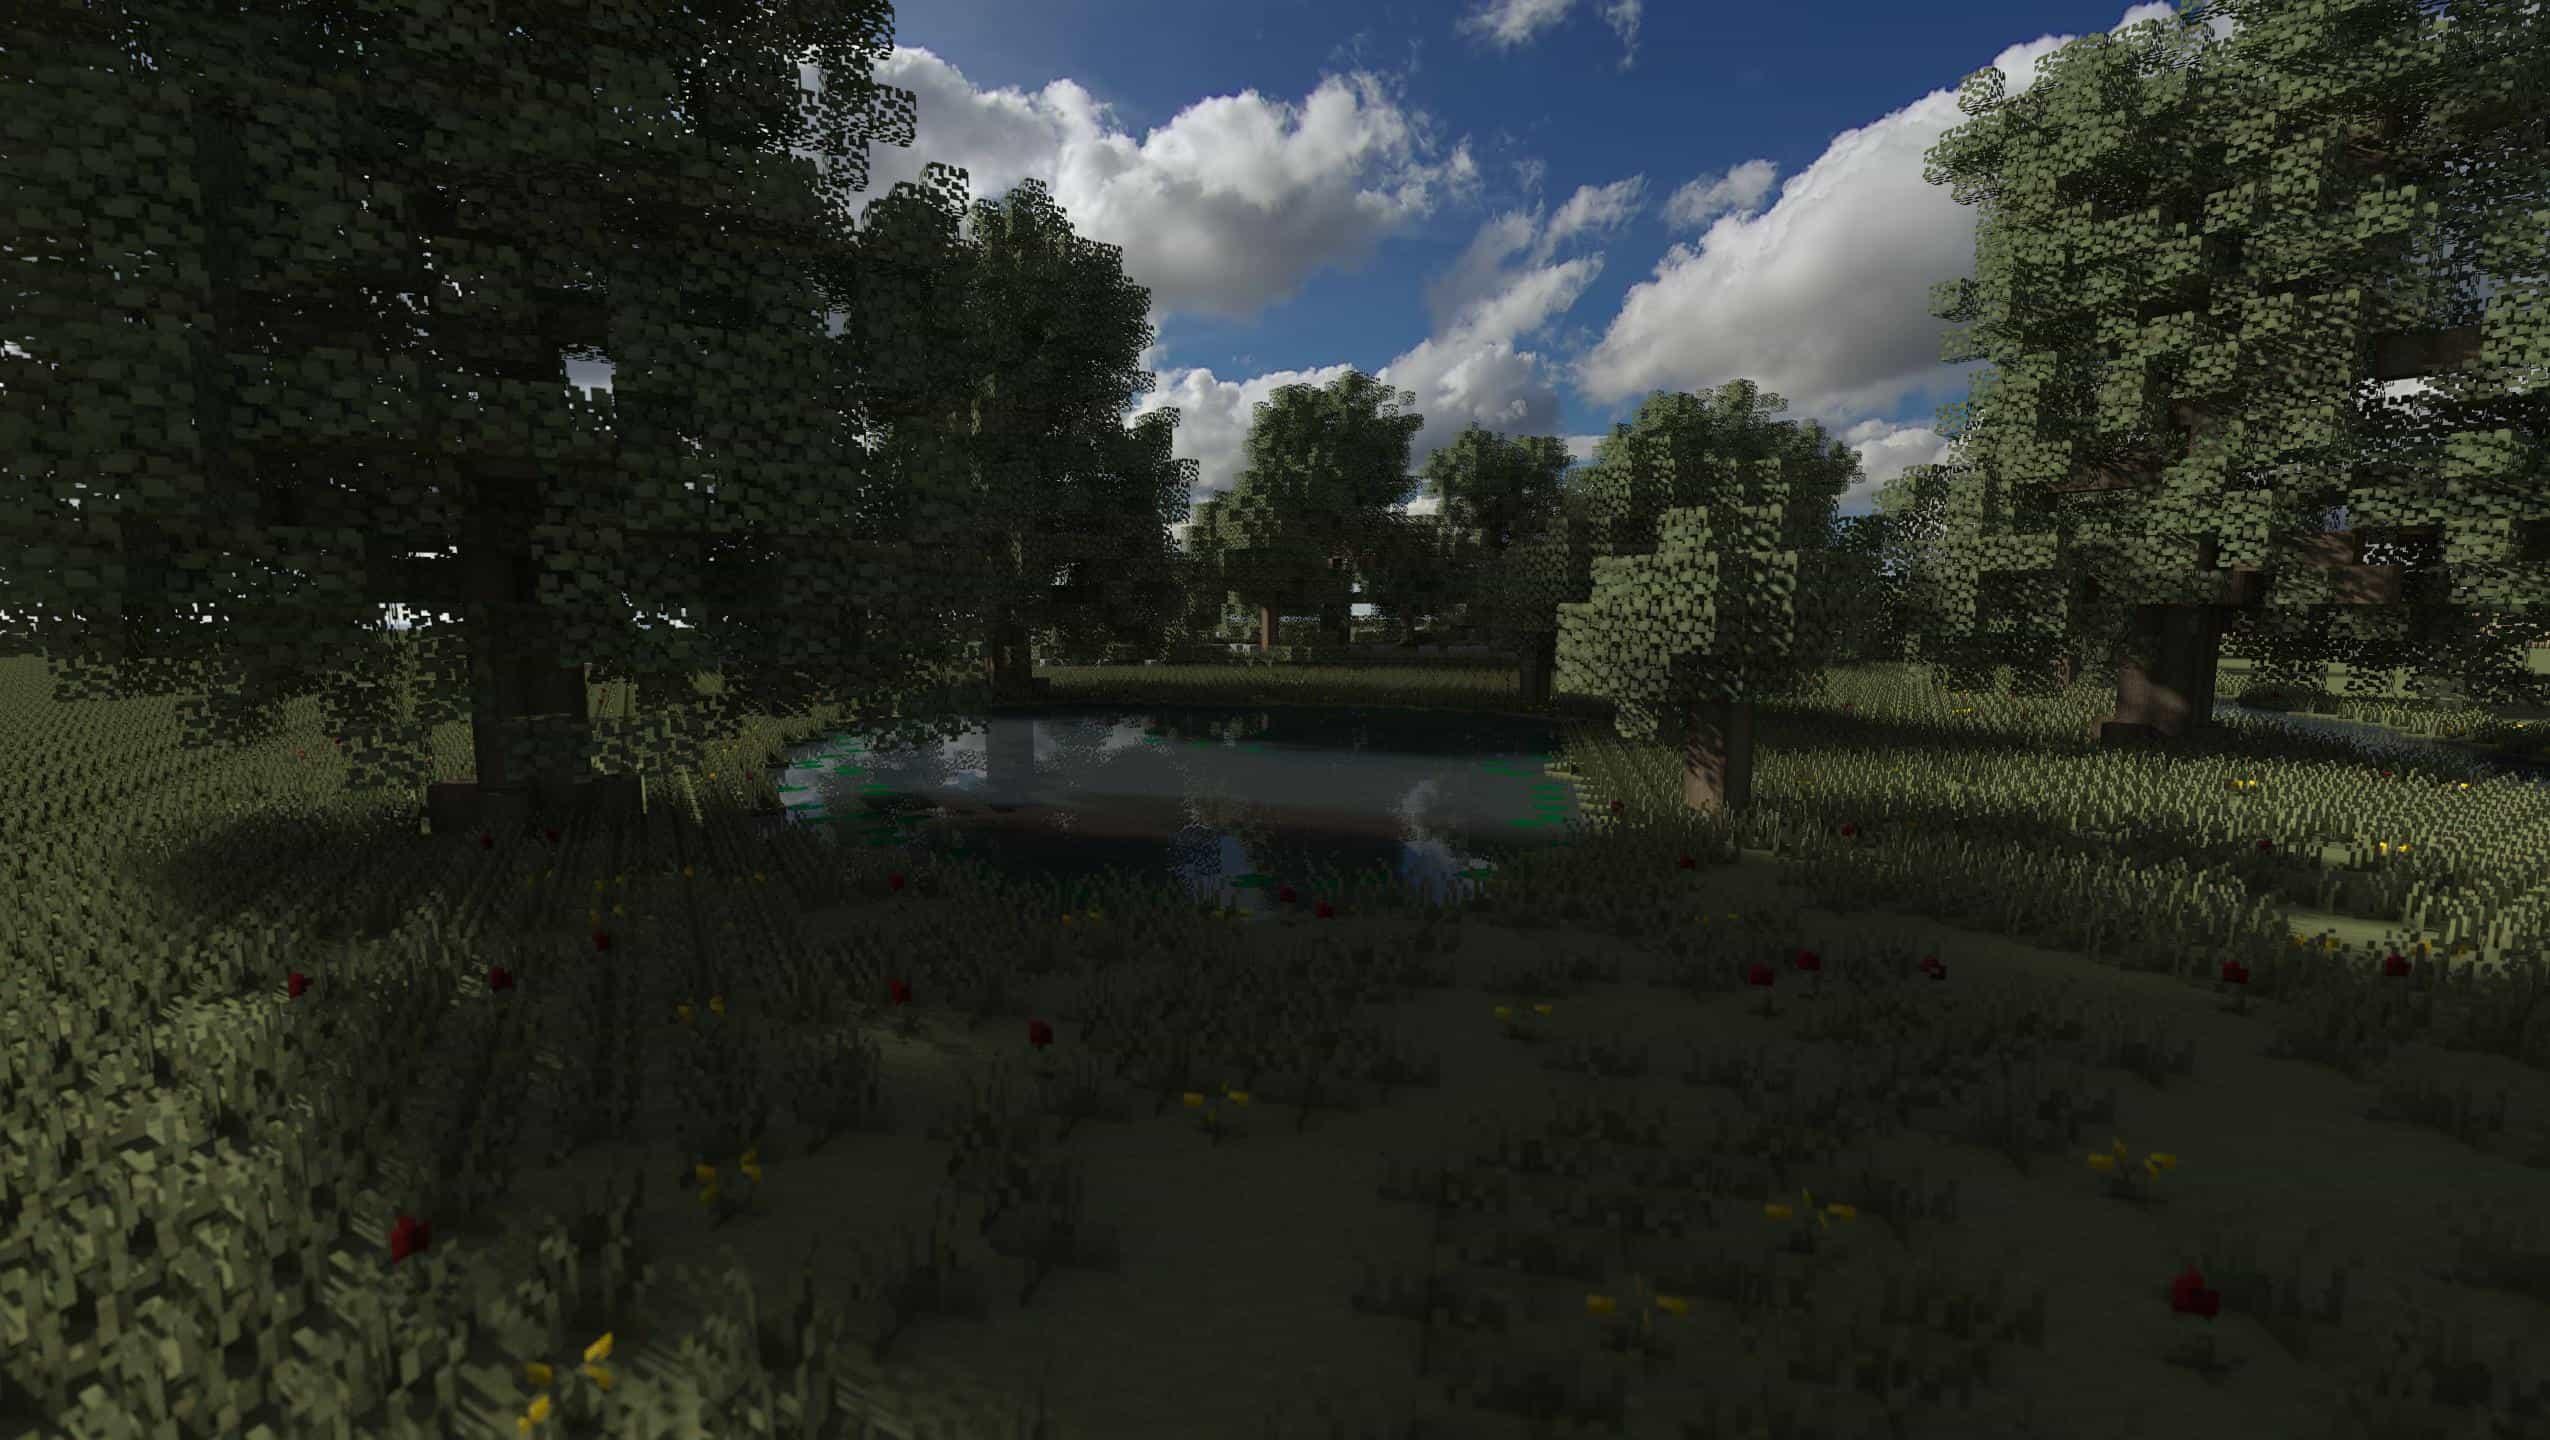 AUSCHWITZ-BIRKENAU, OSWIECIM, POLAND minecraft building ideas 10